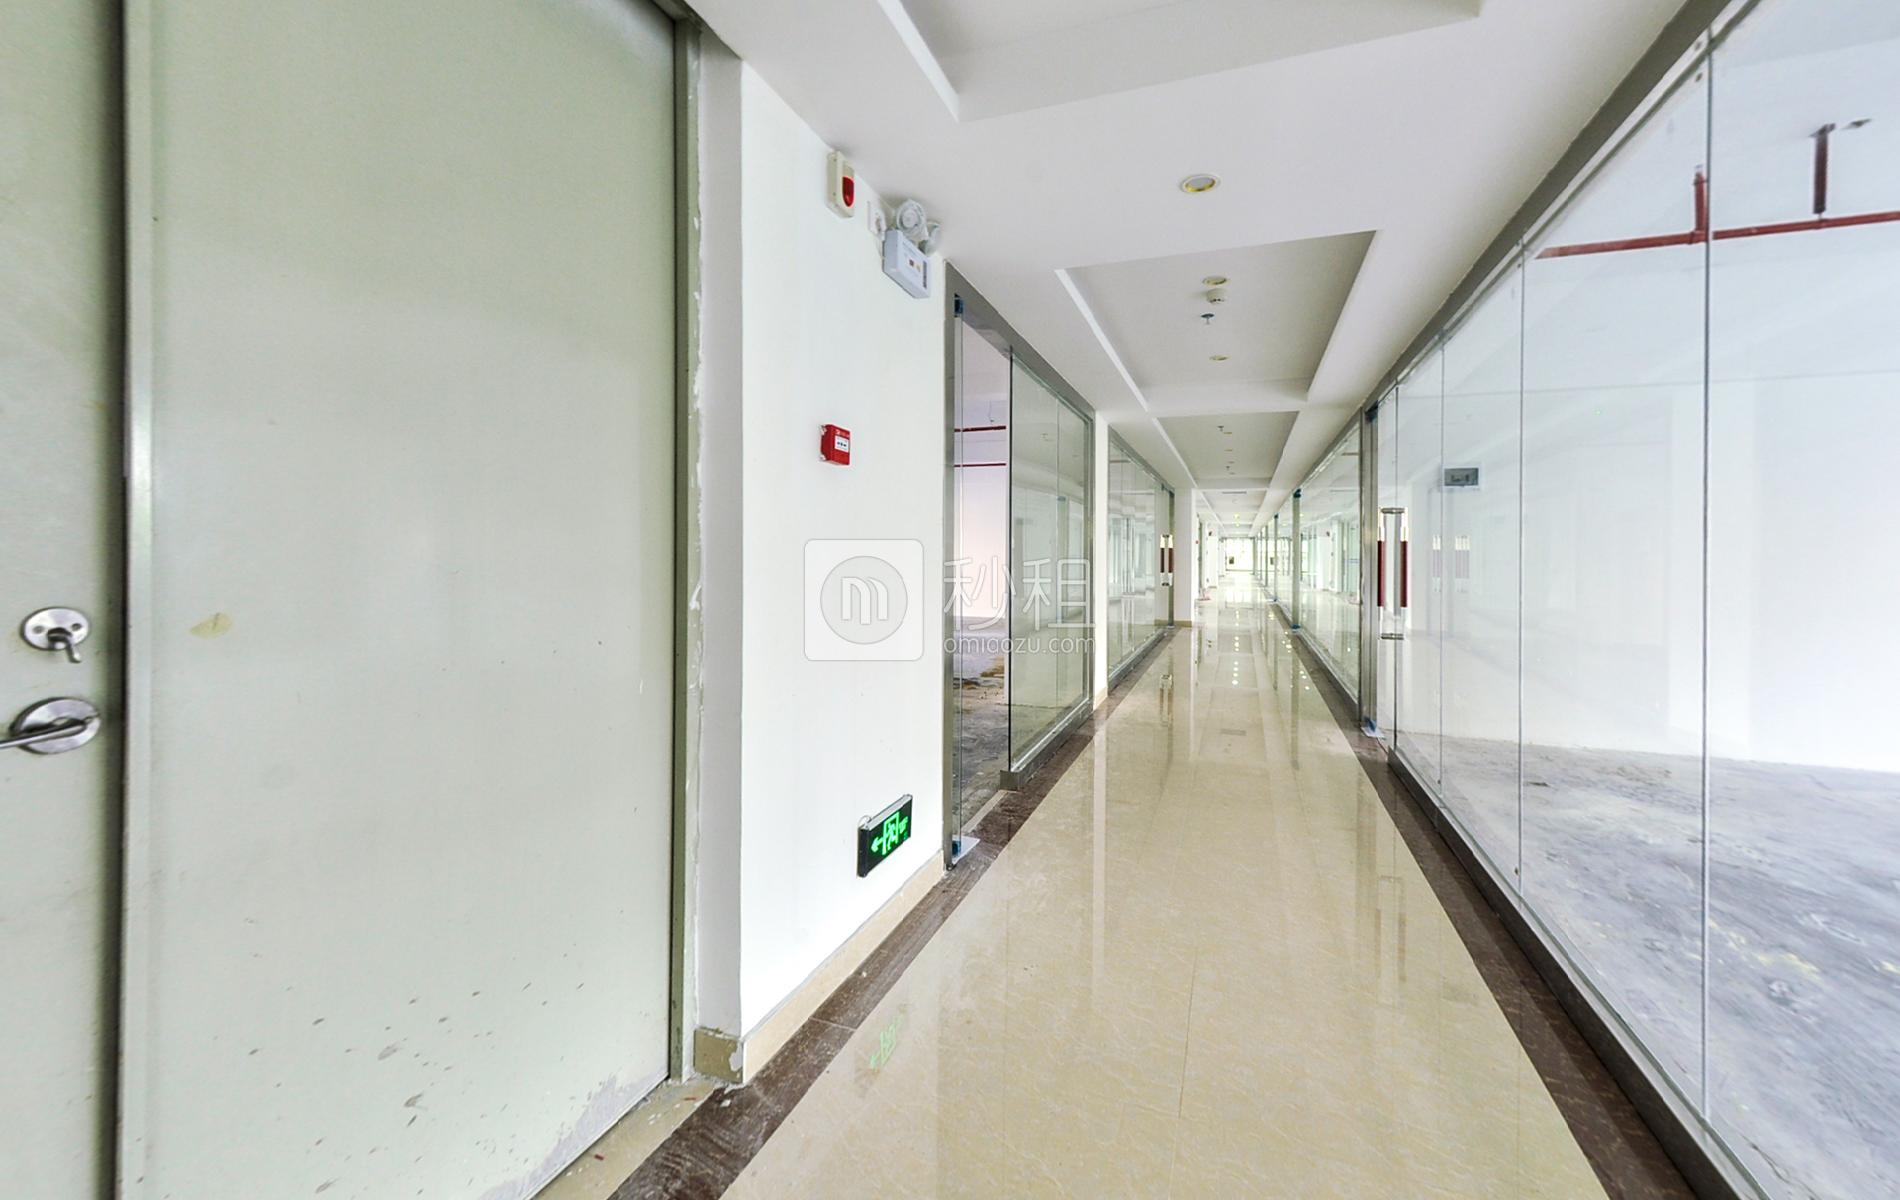 嘉义源科技园写字楼出租/招租/租赁,嘉义源科技园办公室出租/招租/租赁